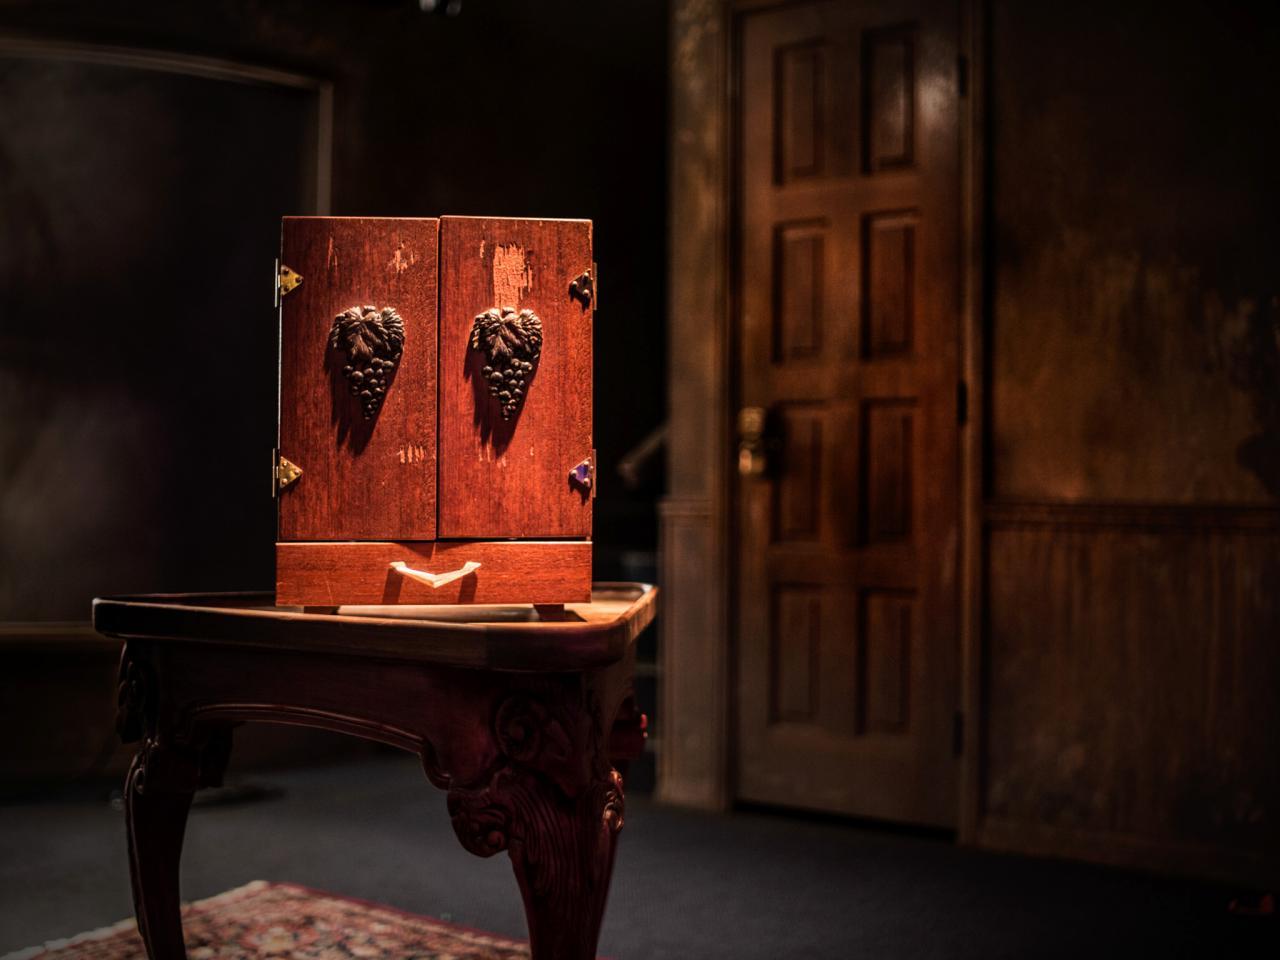 La caja se encuentra habitado por un Dybbuk; un espíritu judío